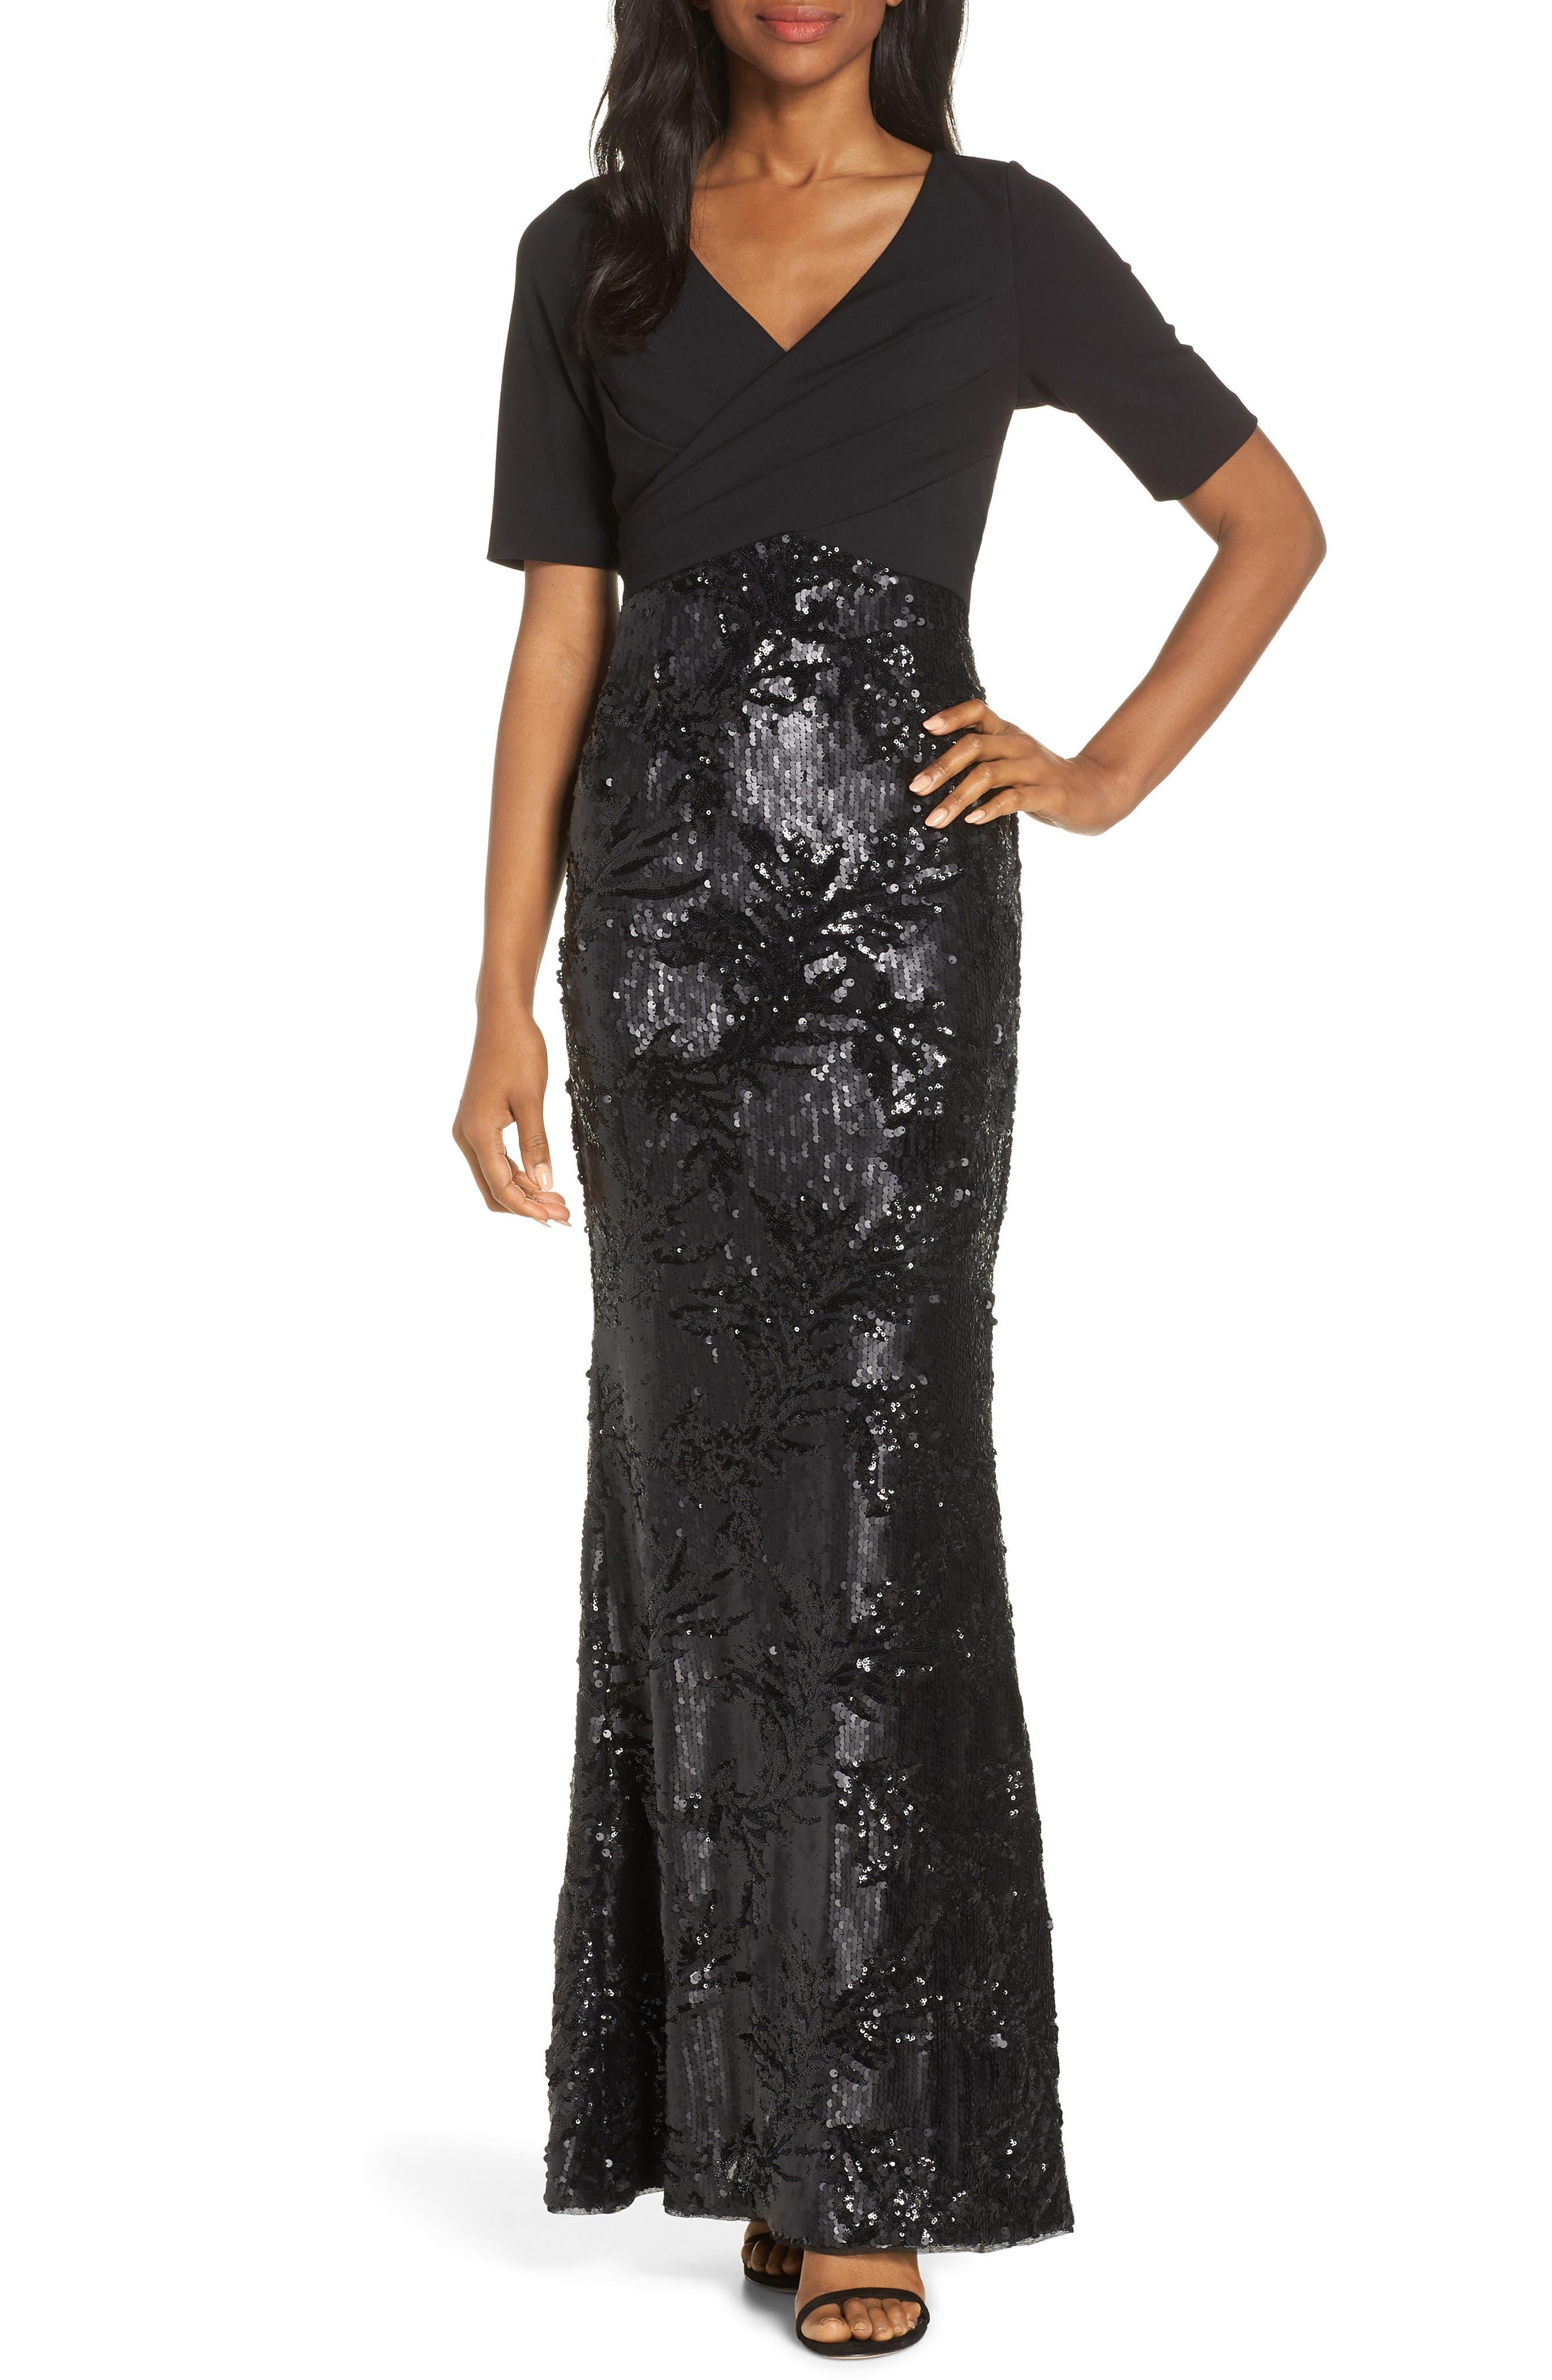 Adrianna Papell Sequin Skirt Evening Dress, Black